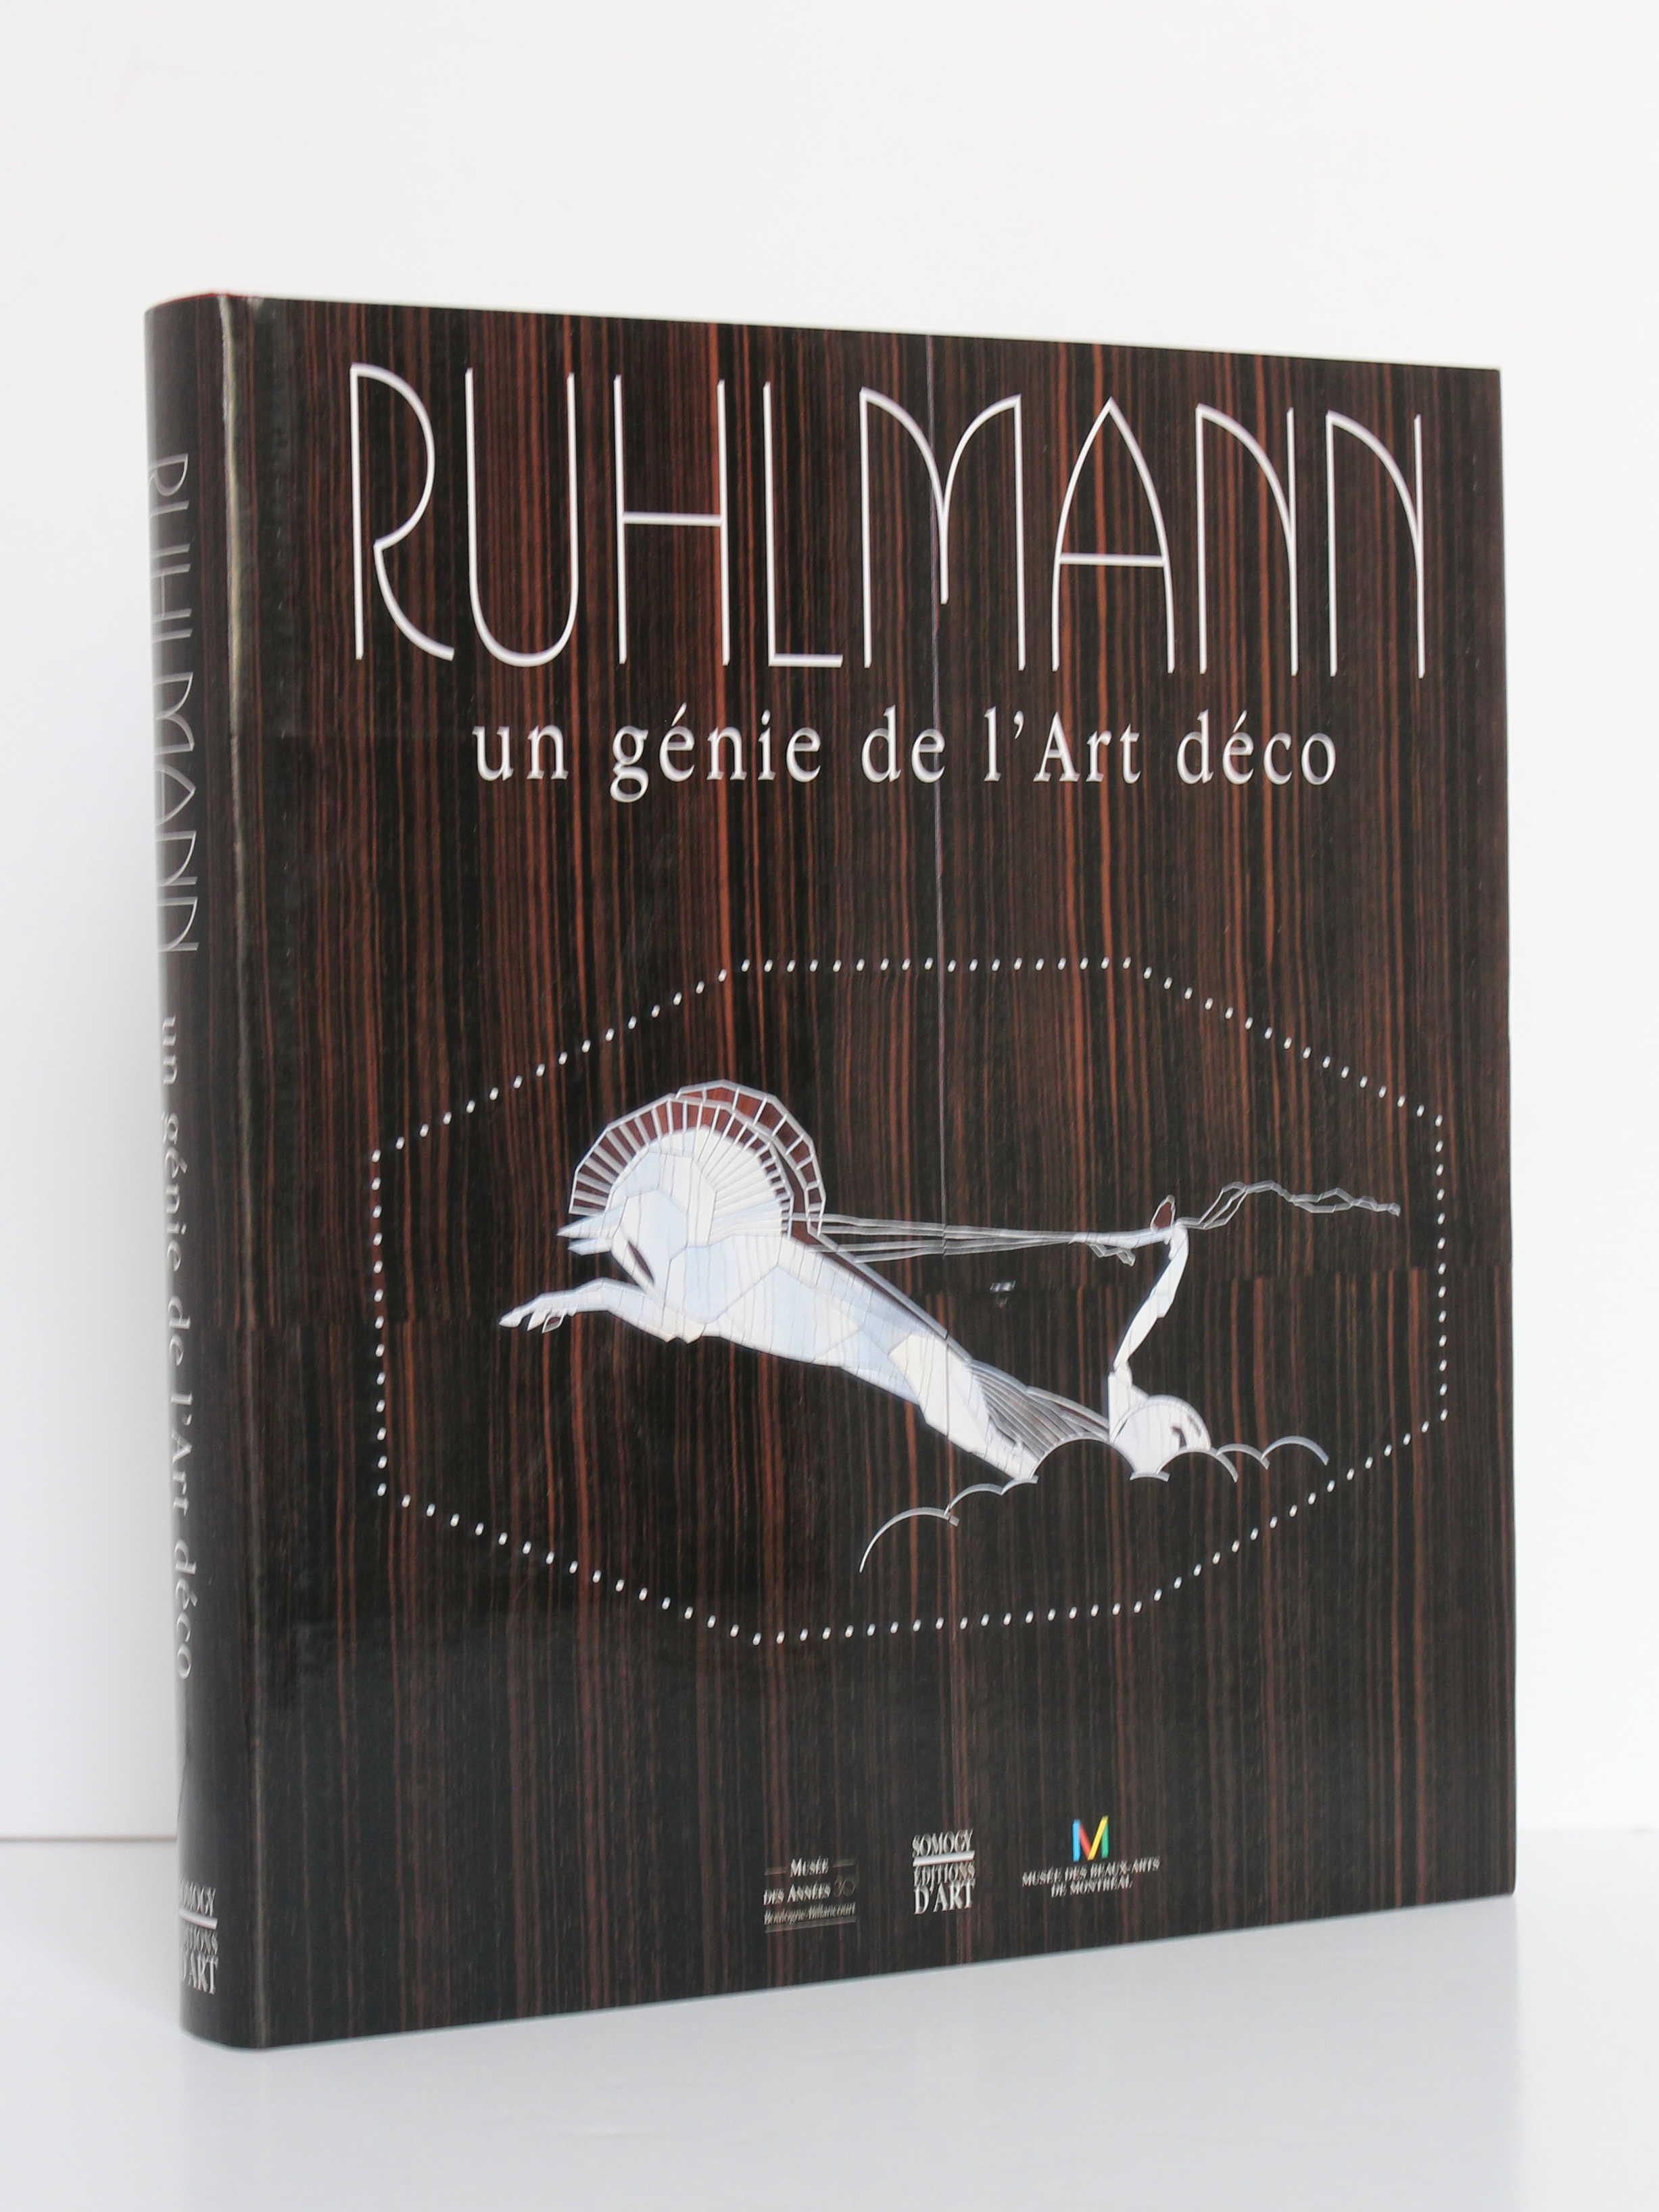 Ruhlmann Un génie de l'Art déco. Somogy Éditions d'art, 2004. Couverture.